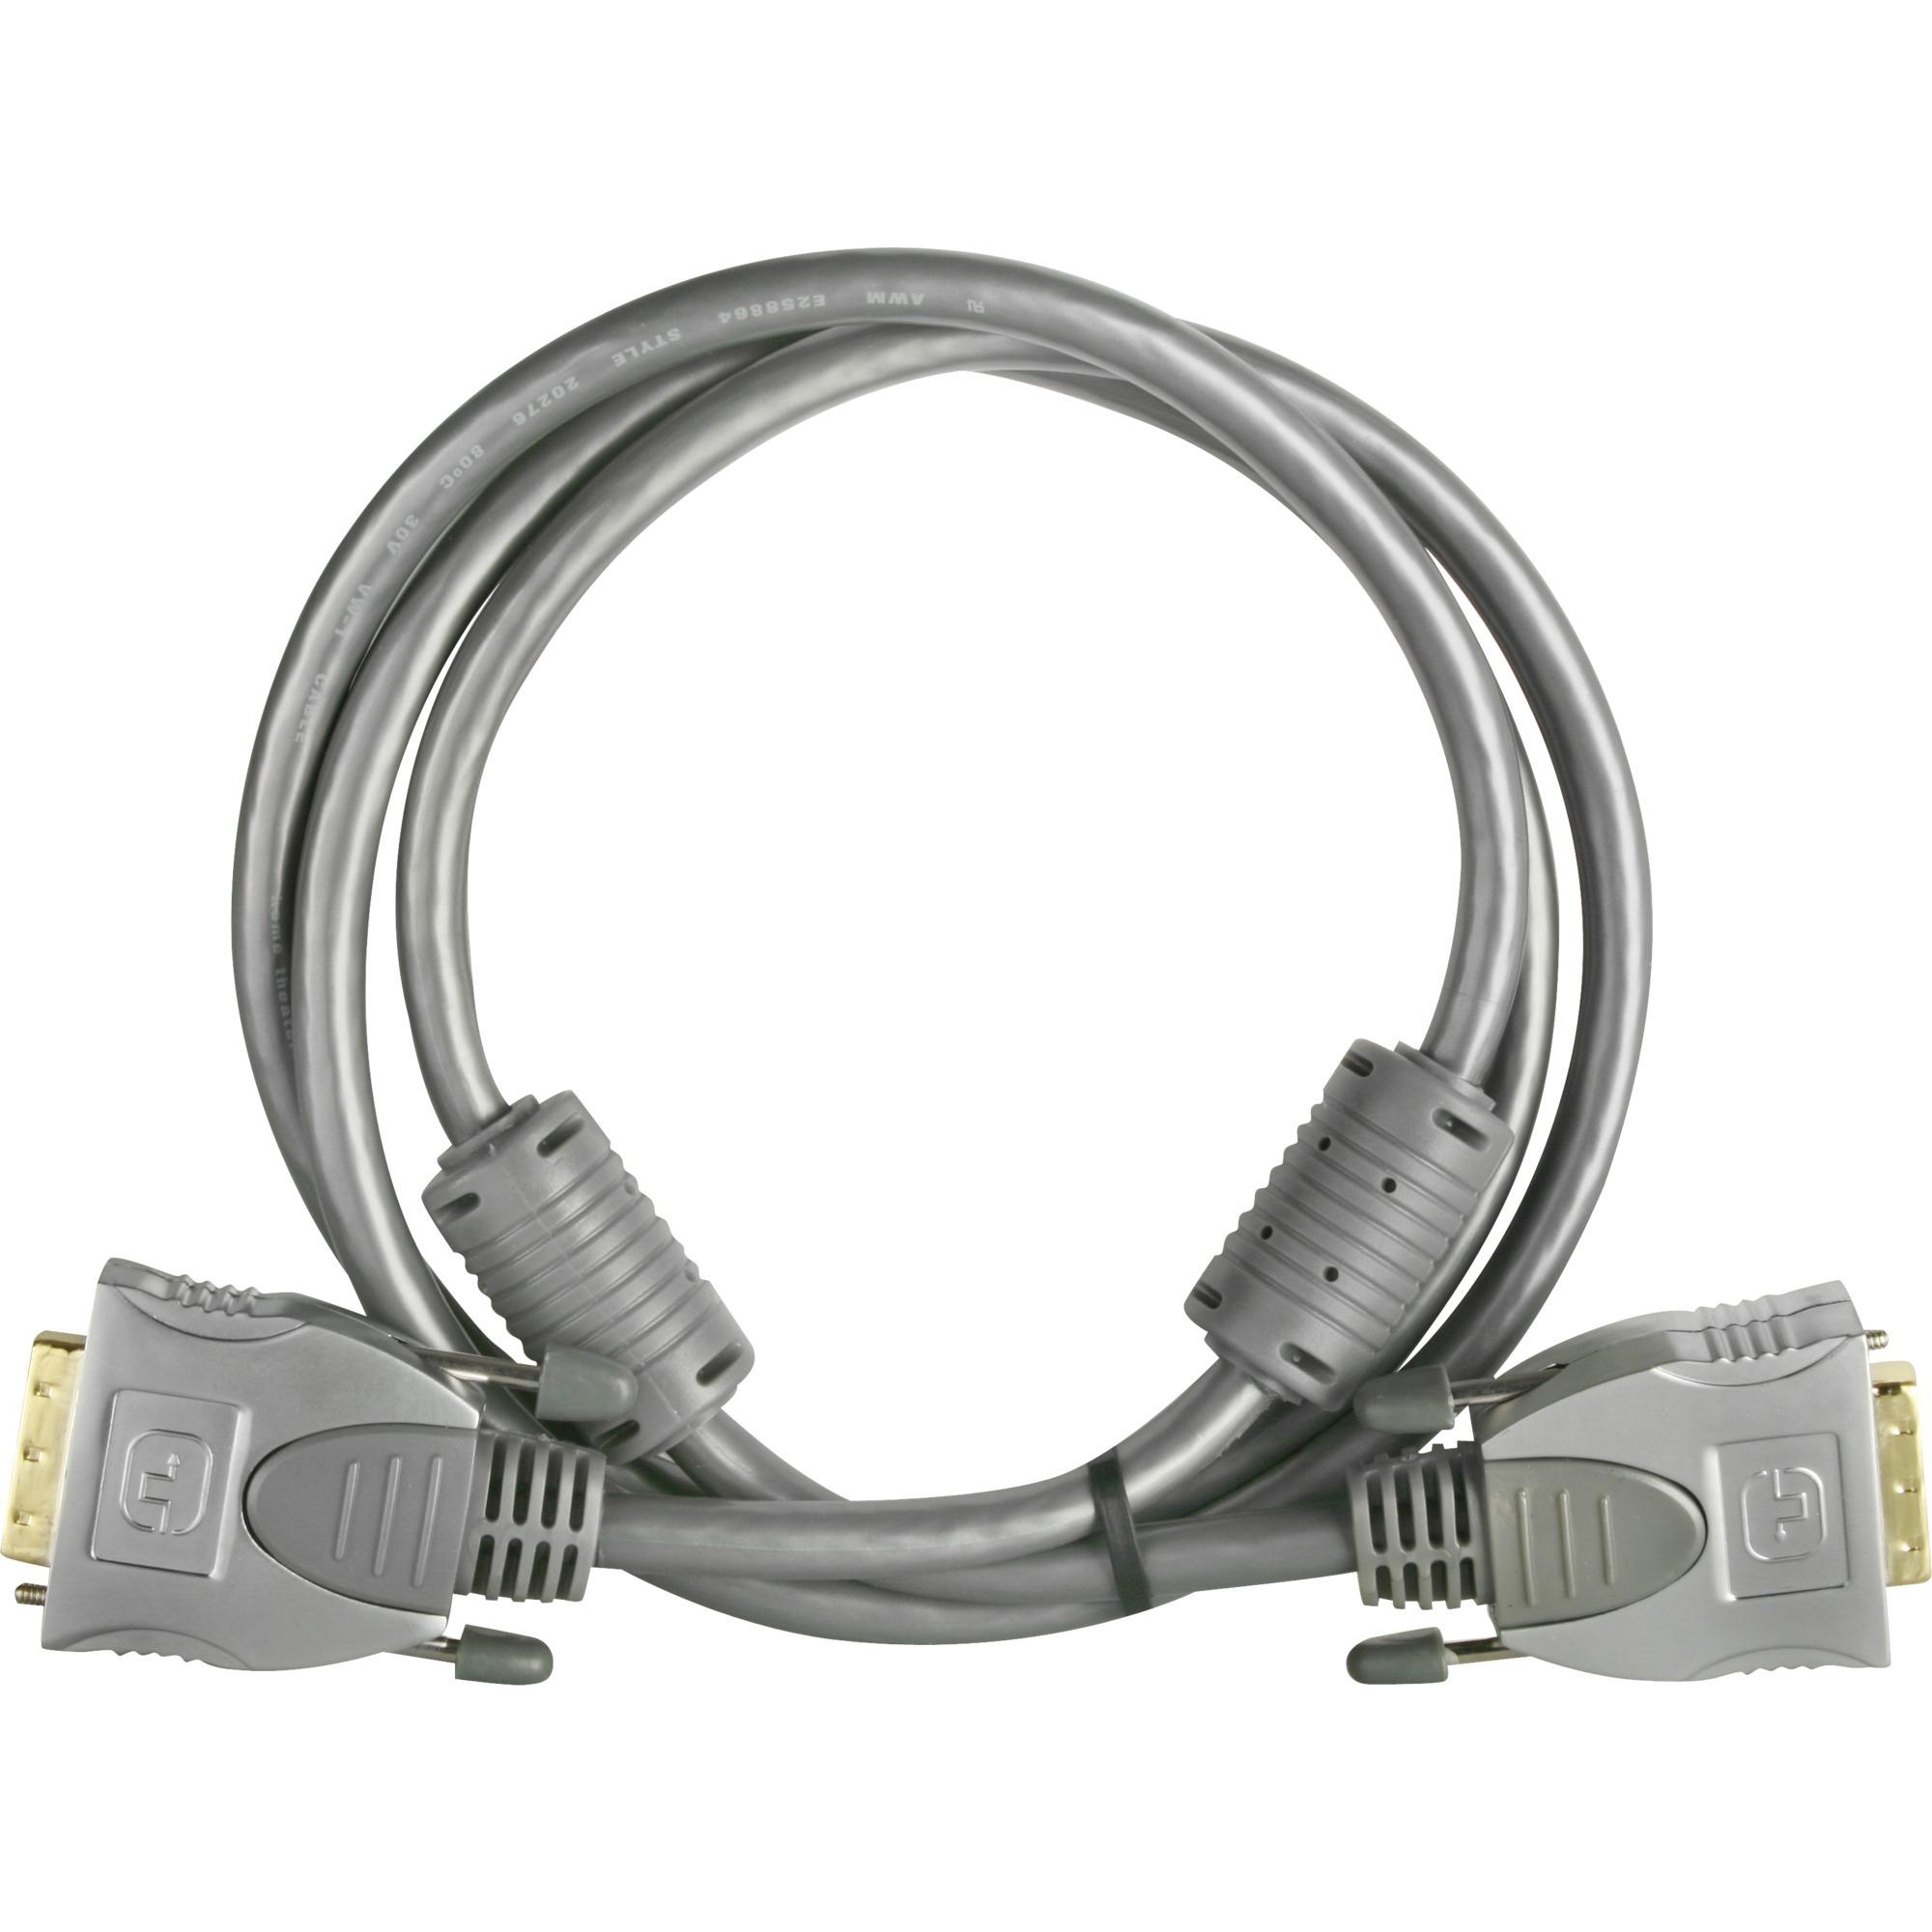 HT 230-300 3.0m 3m DVI-D DVI-D cable DVI